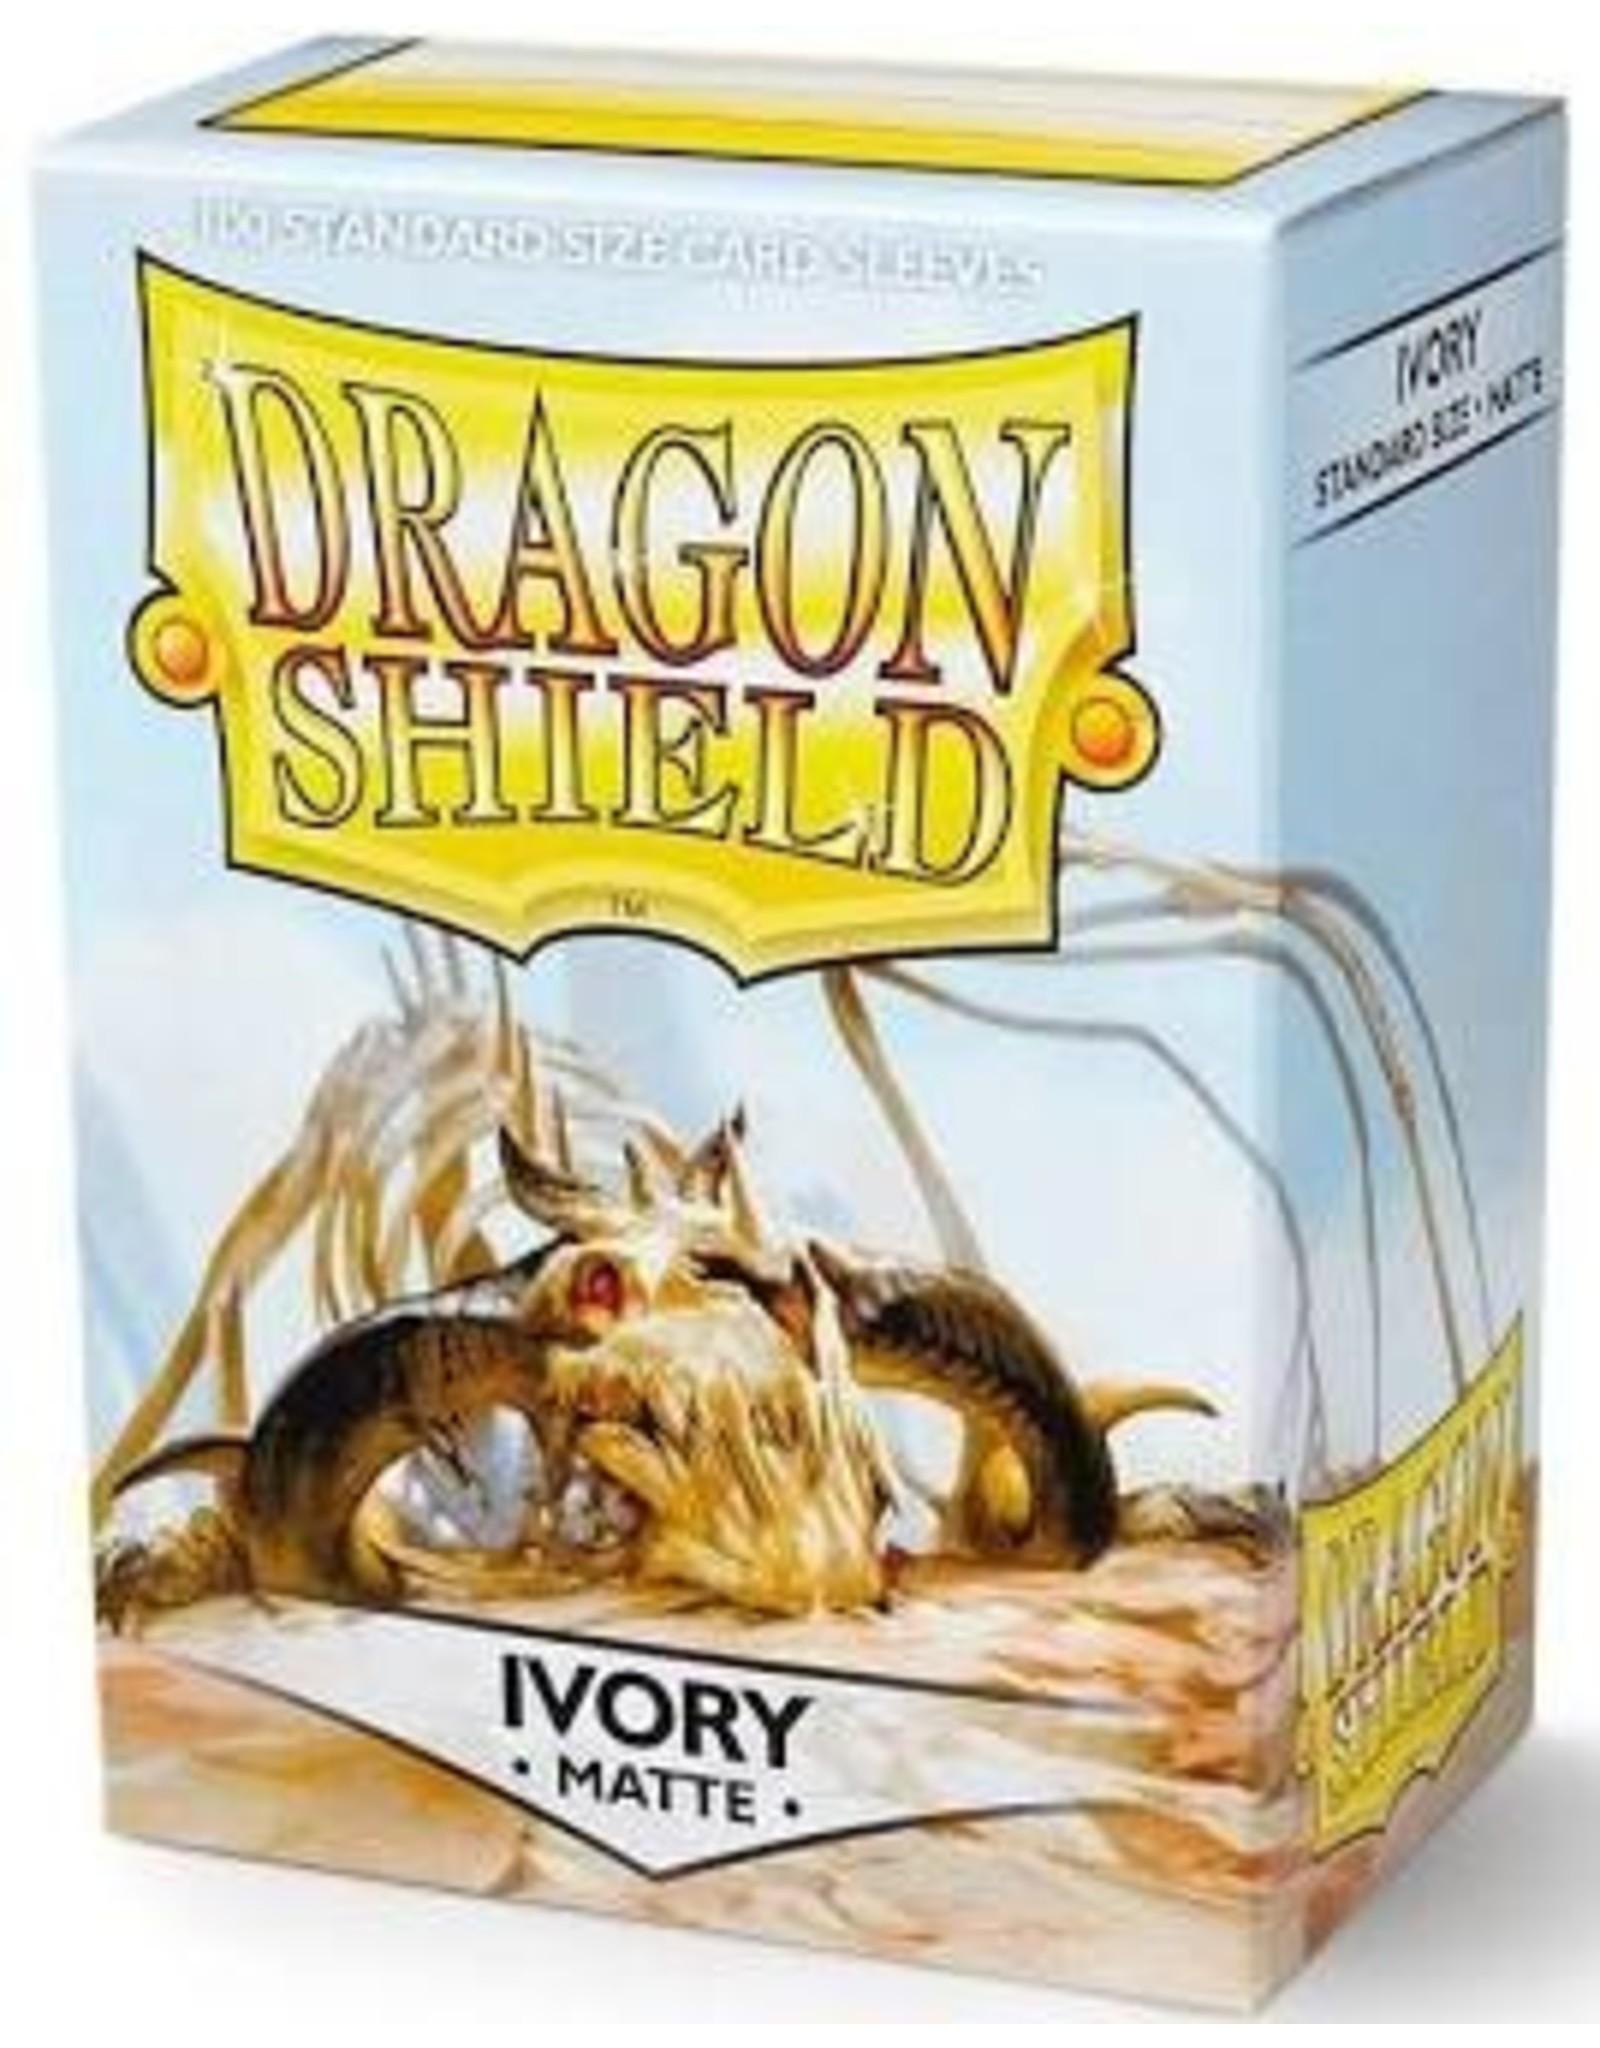 Dragon Shield: (100) Ivory Matte